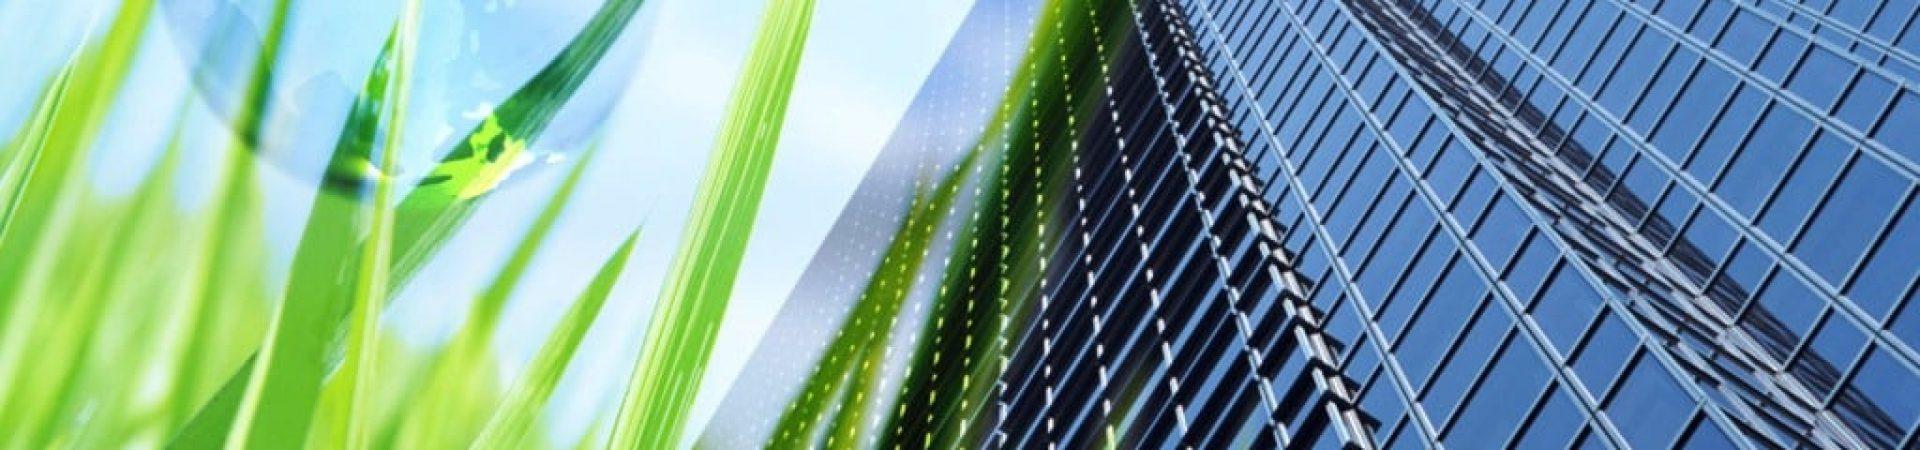 eficiencia-energetica-en-edificios-3-1024x640_0 (1)